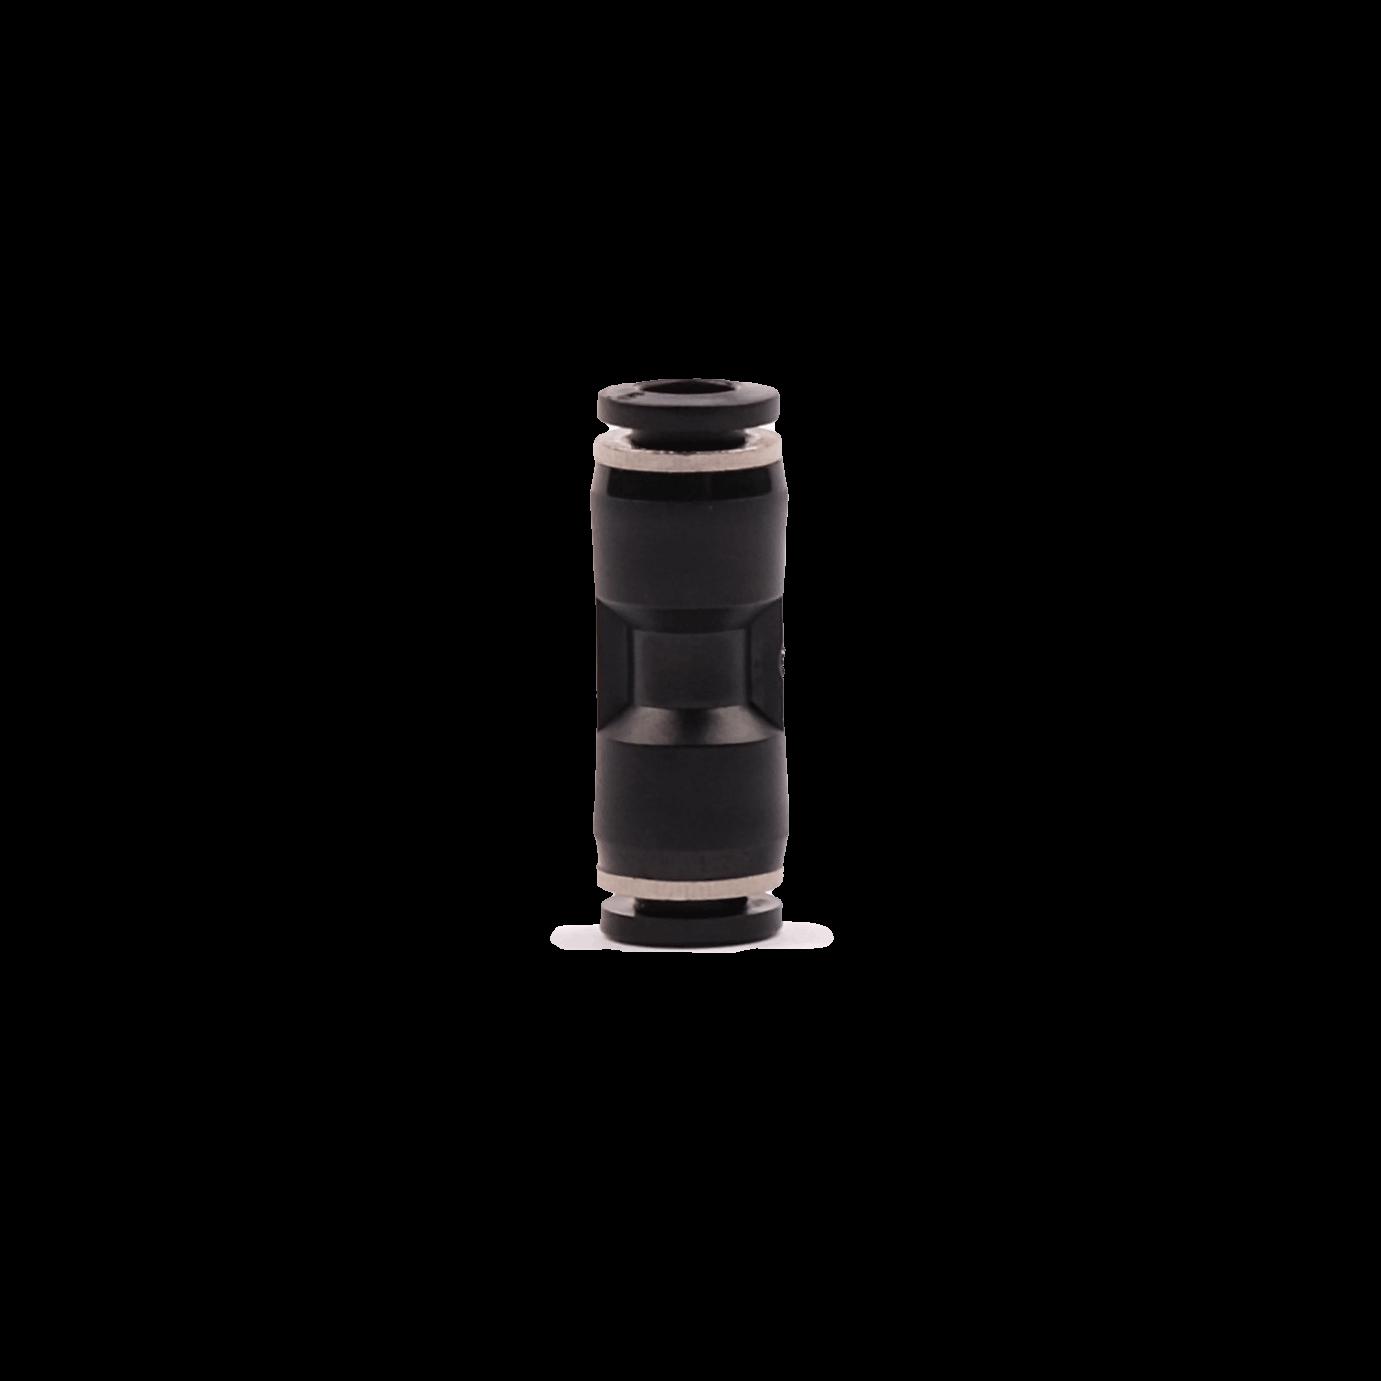 Schlauchverbinder für Sprühkopf-Druckluft, 6 mm